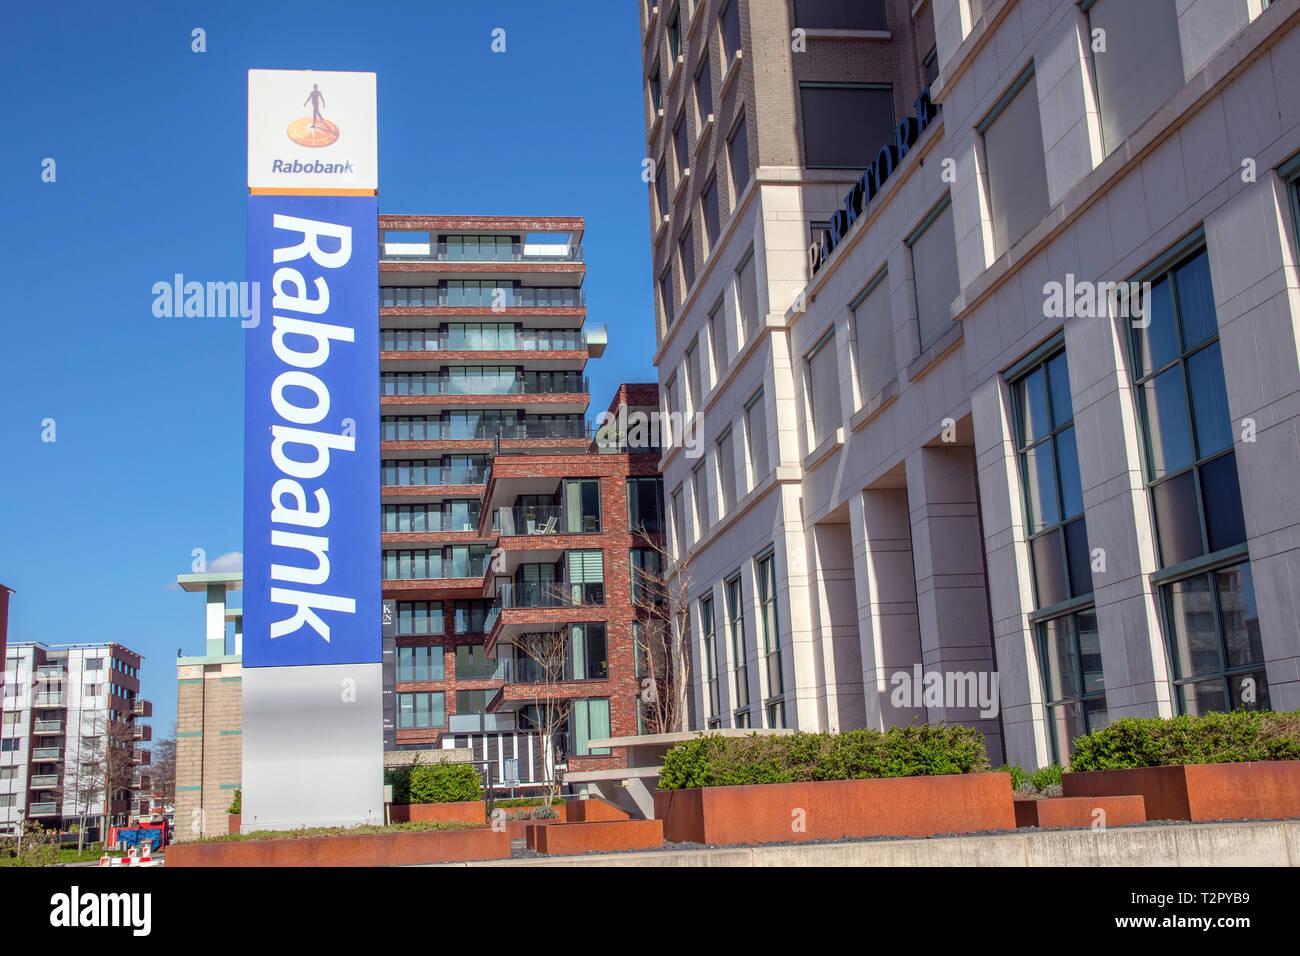 Affissioni Rabobank presso l'edificio Parktoren a Amsterdam Paesi Bassi 2019 Immagini Stock